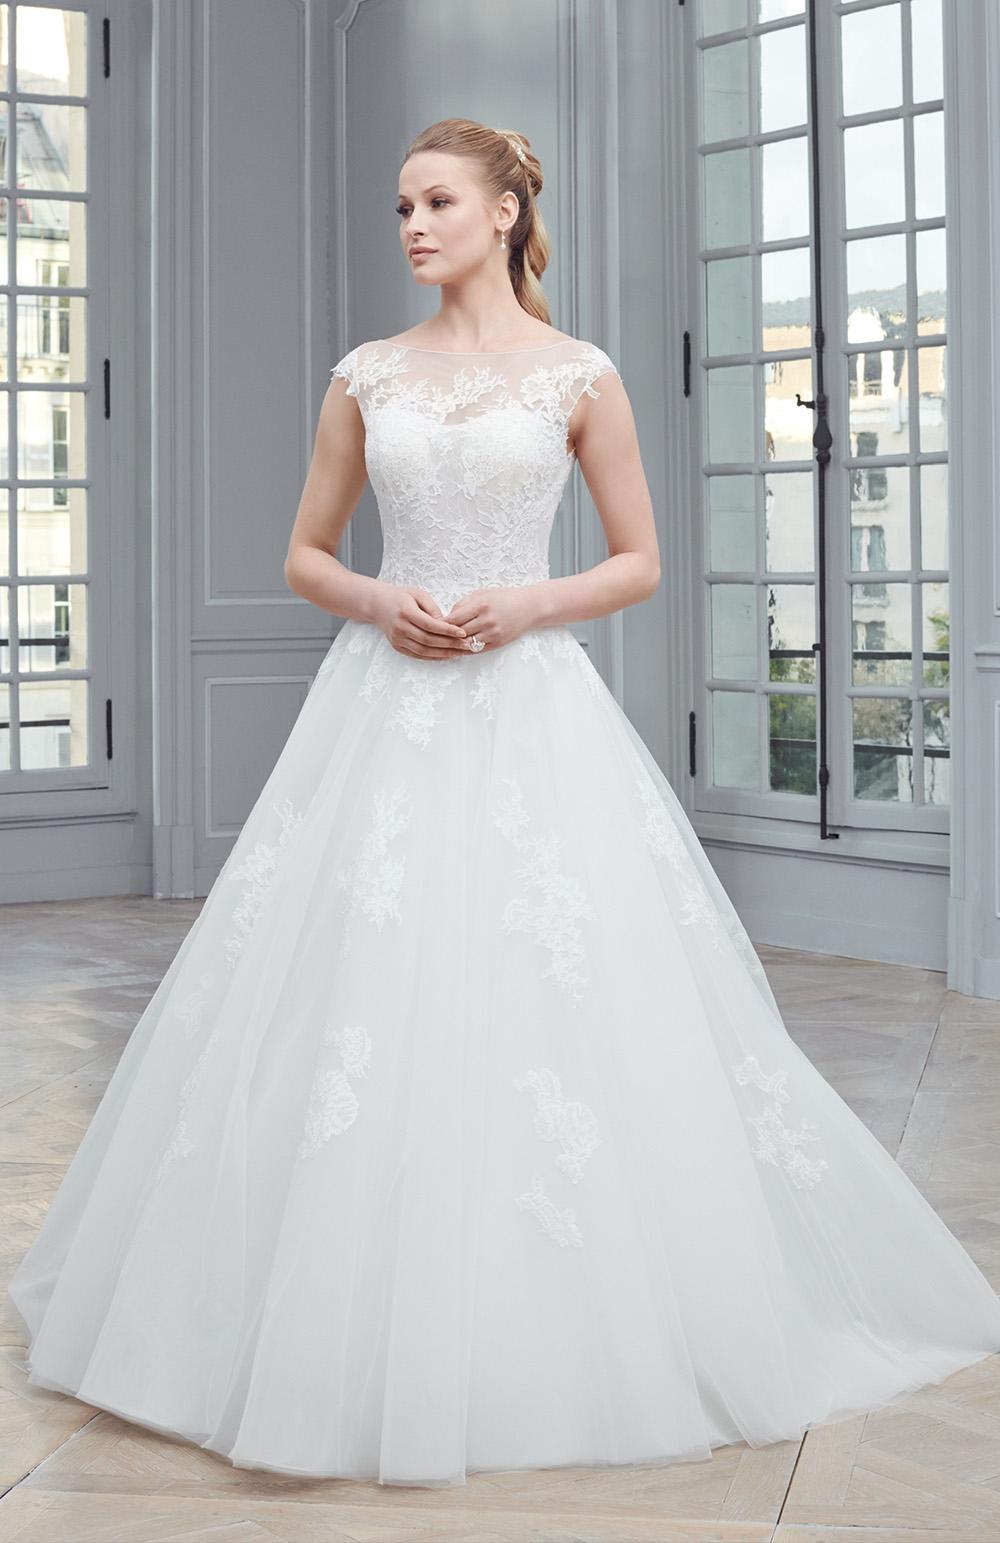 Robe de mariée Modèle Anaelle